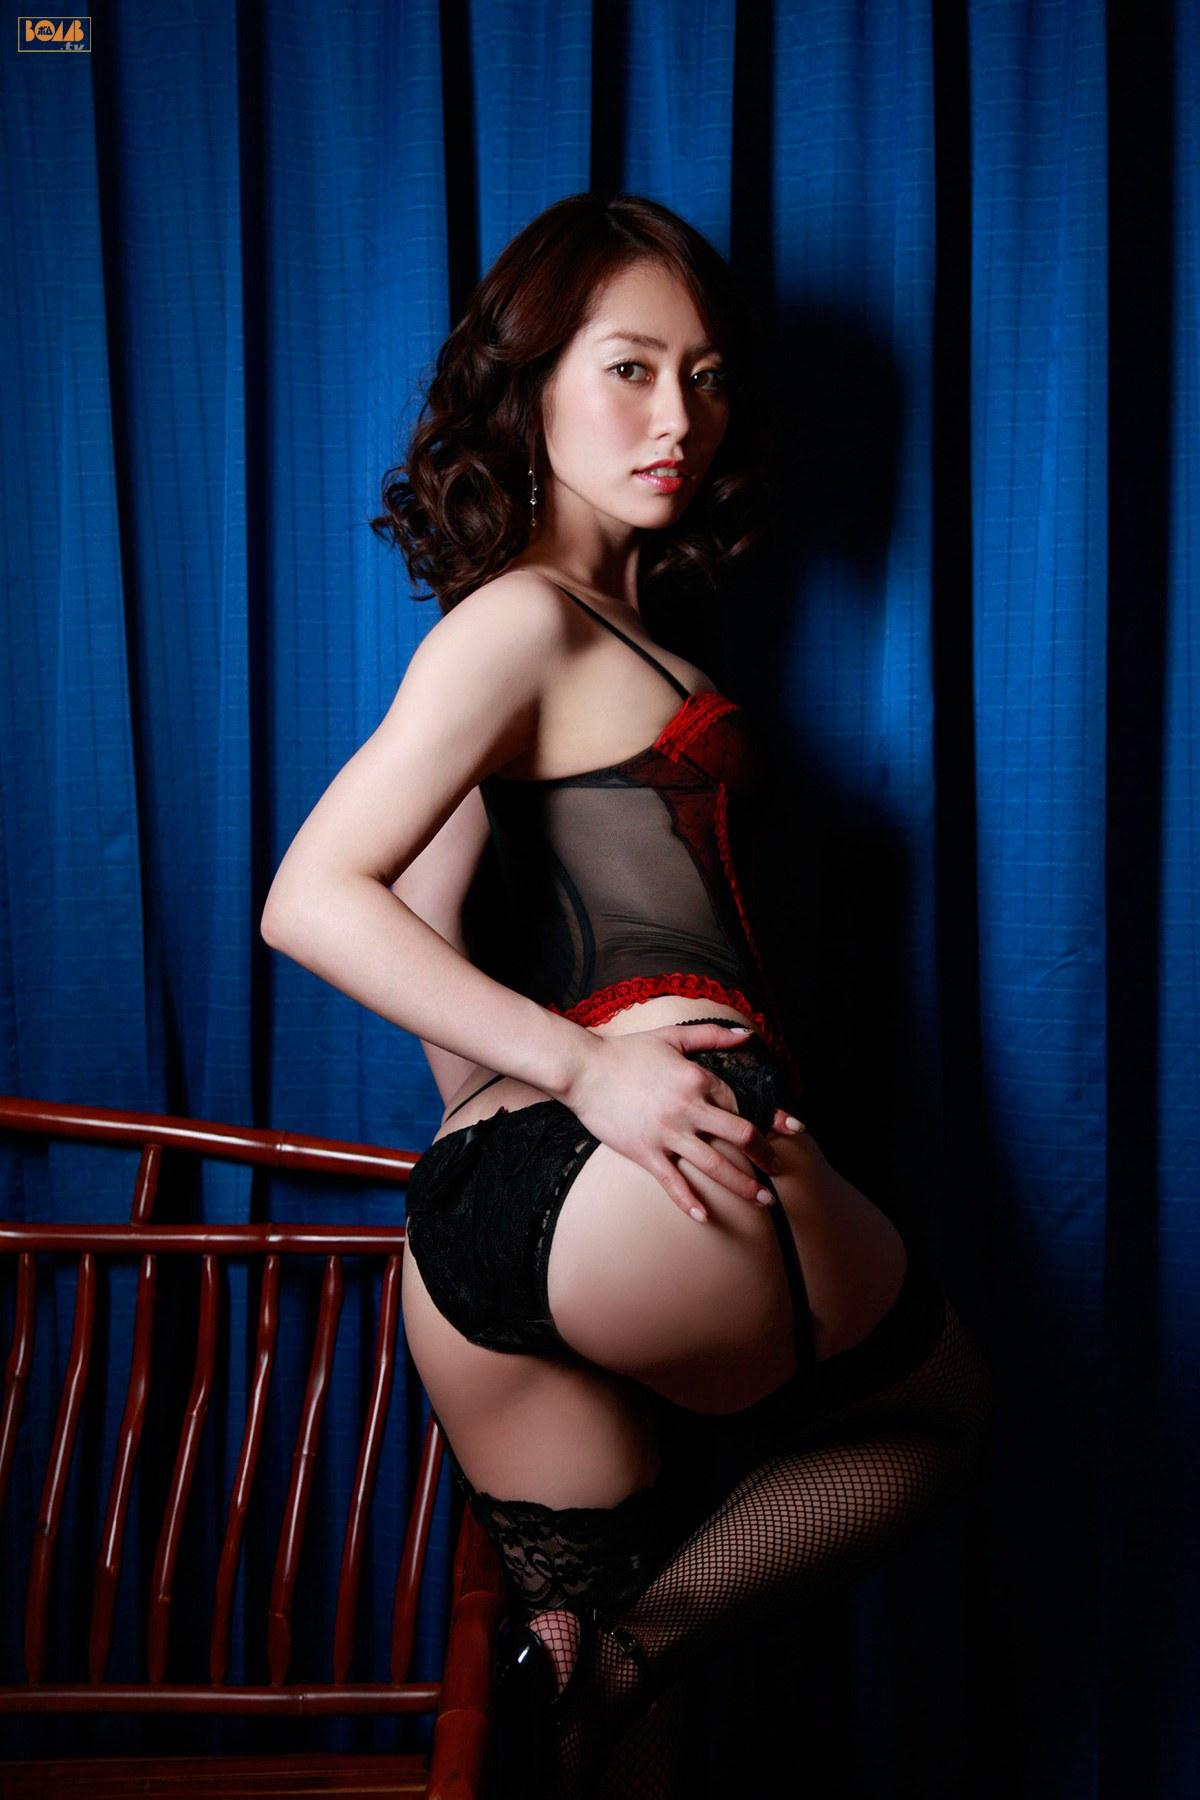 谷桃子 セクシー ランジェリー カメラ目線 ガーターベルト 網タイツ お尻 誘惑 高画質 エロかわいい画像